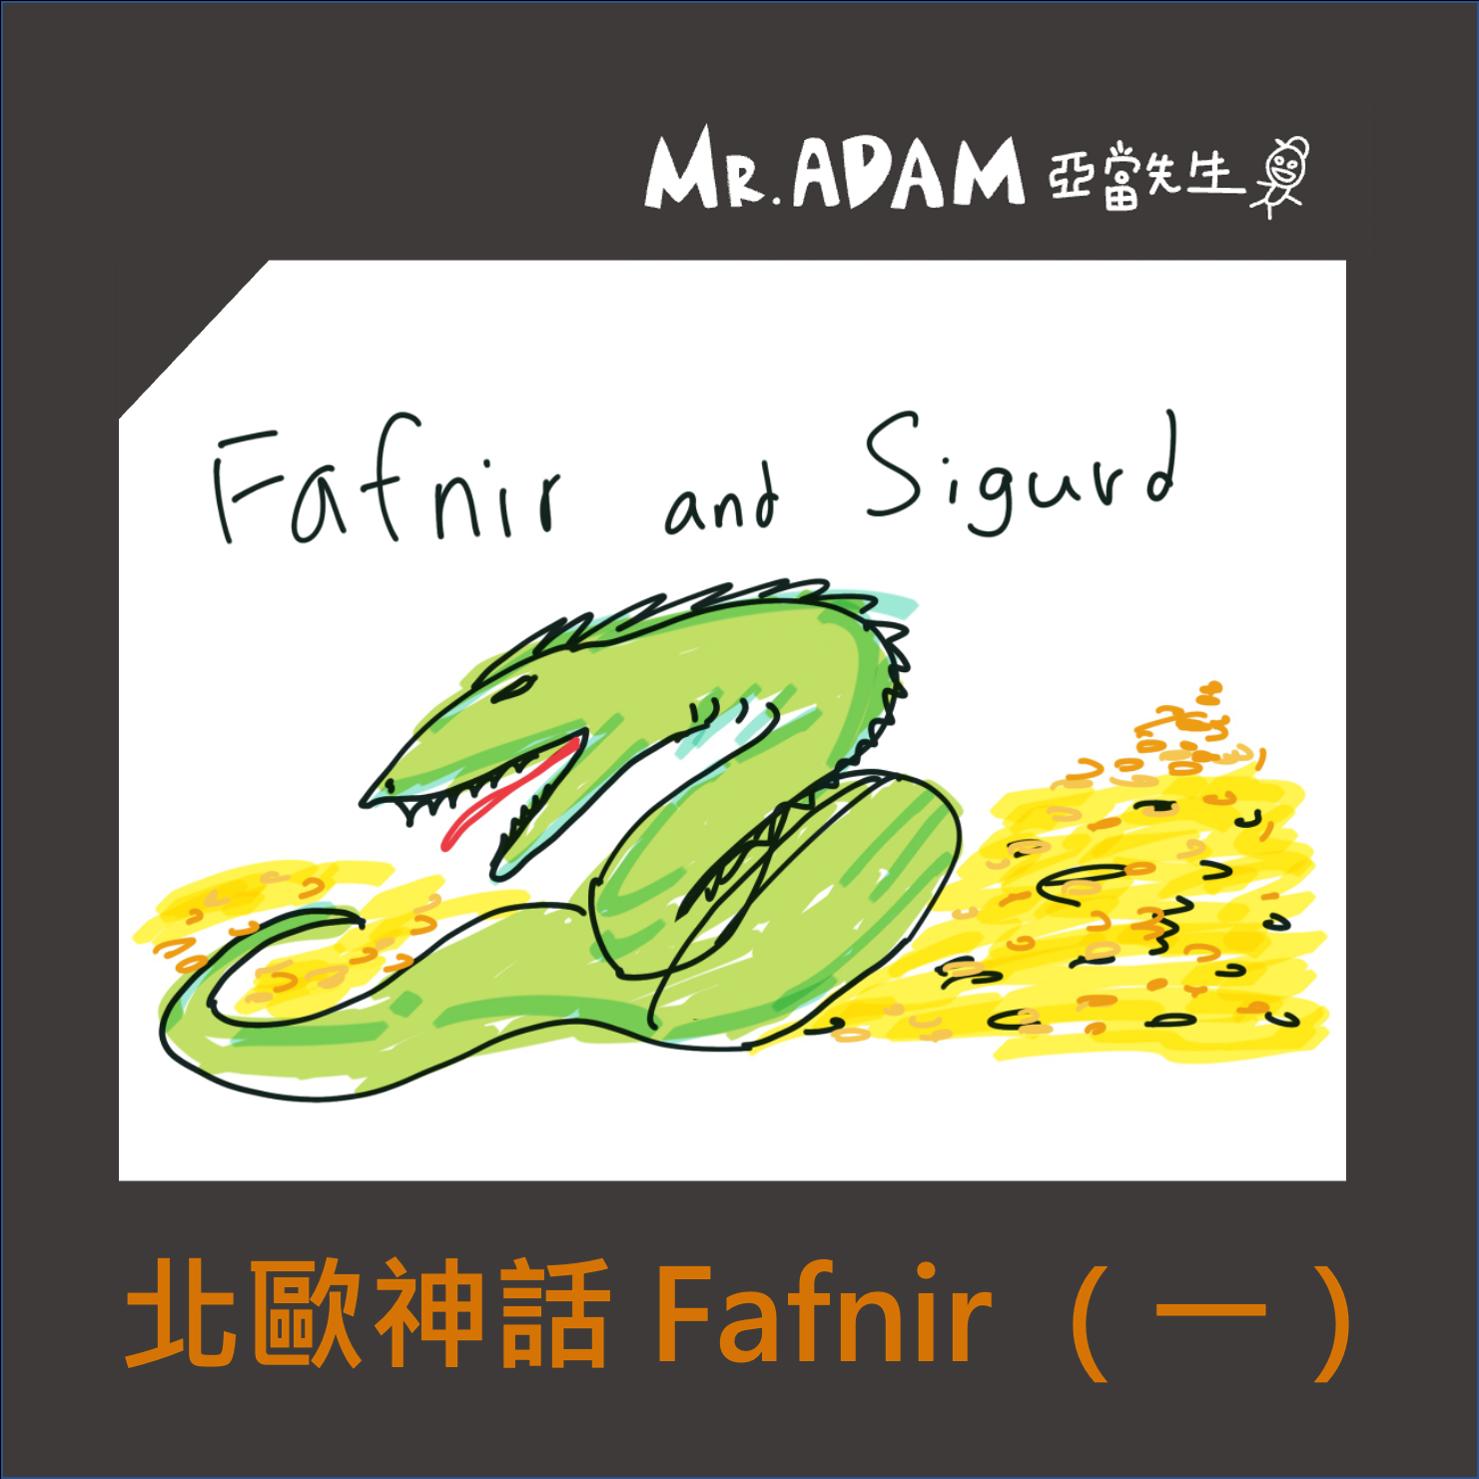 北歐神話 Fafnir (一)